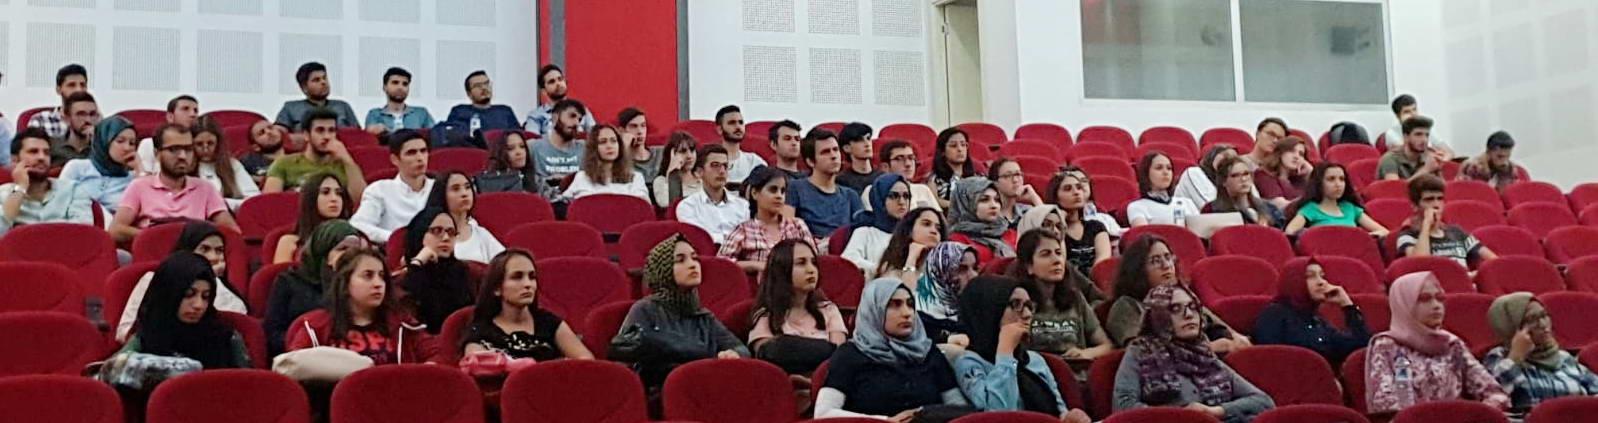 Diş Hekimliği Fakültesi Öğrencilerine Oryantasyon Sunumu-2